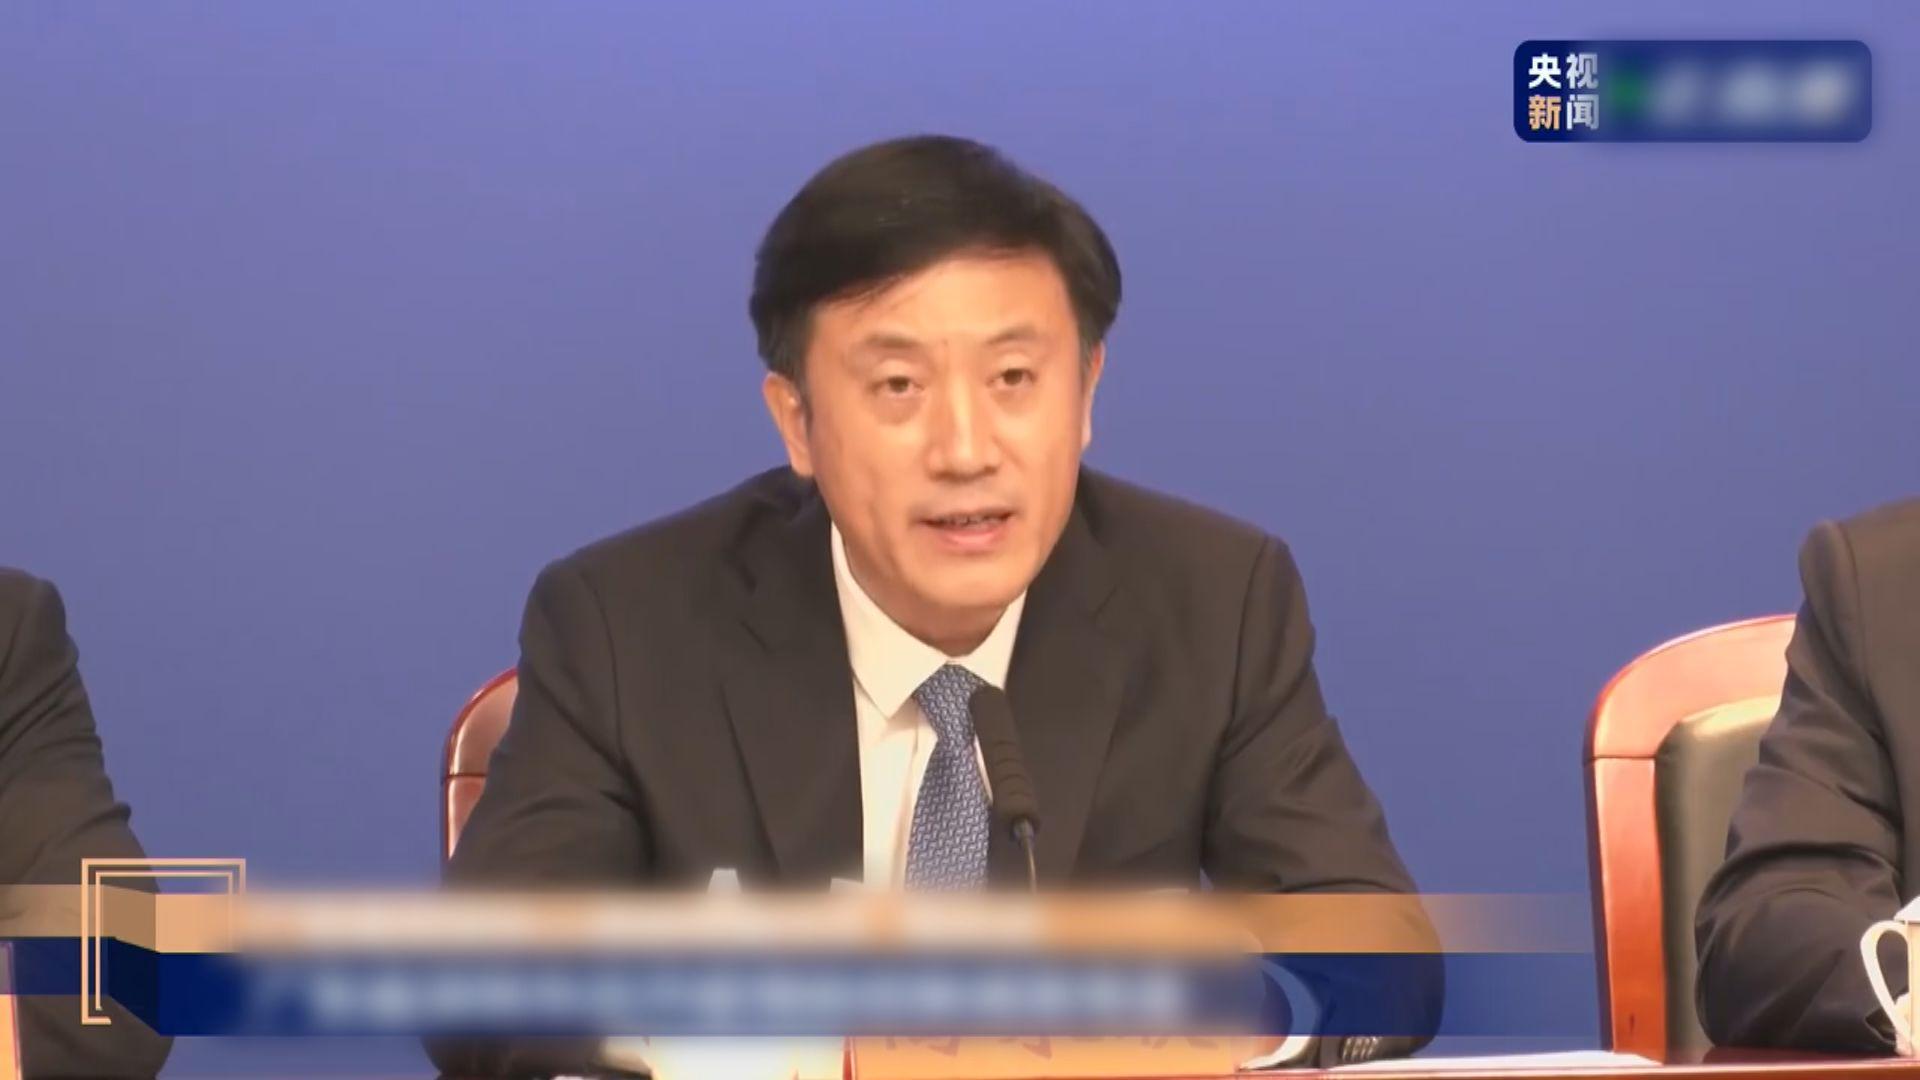 深圳副市長:疫情可控制 大規模擴散風險較低